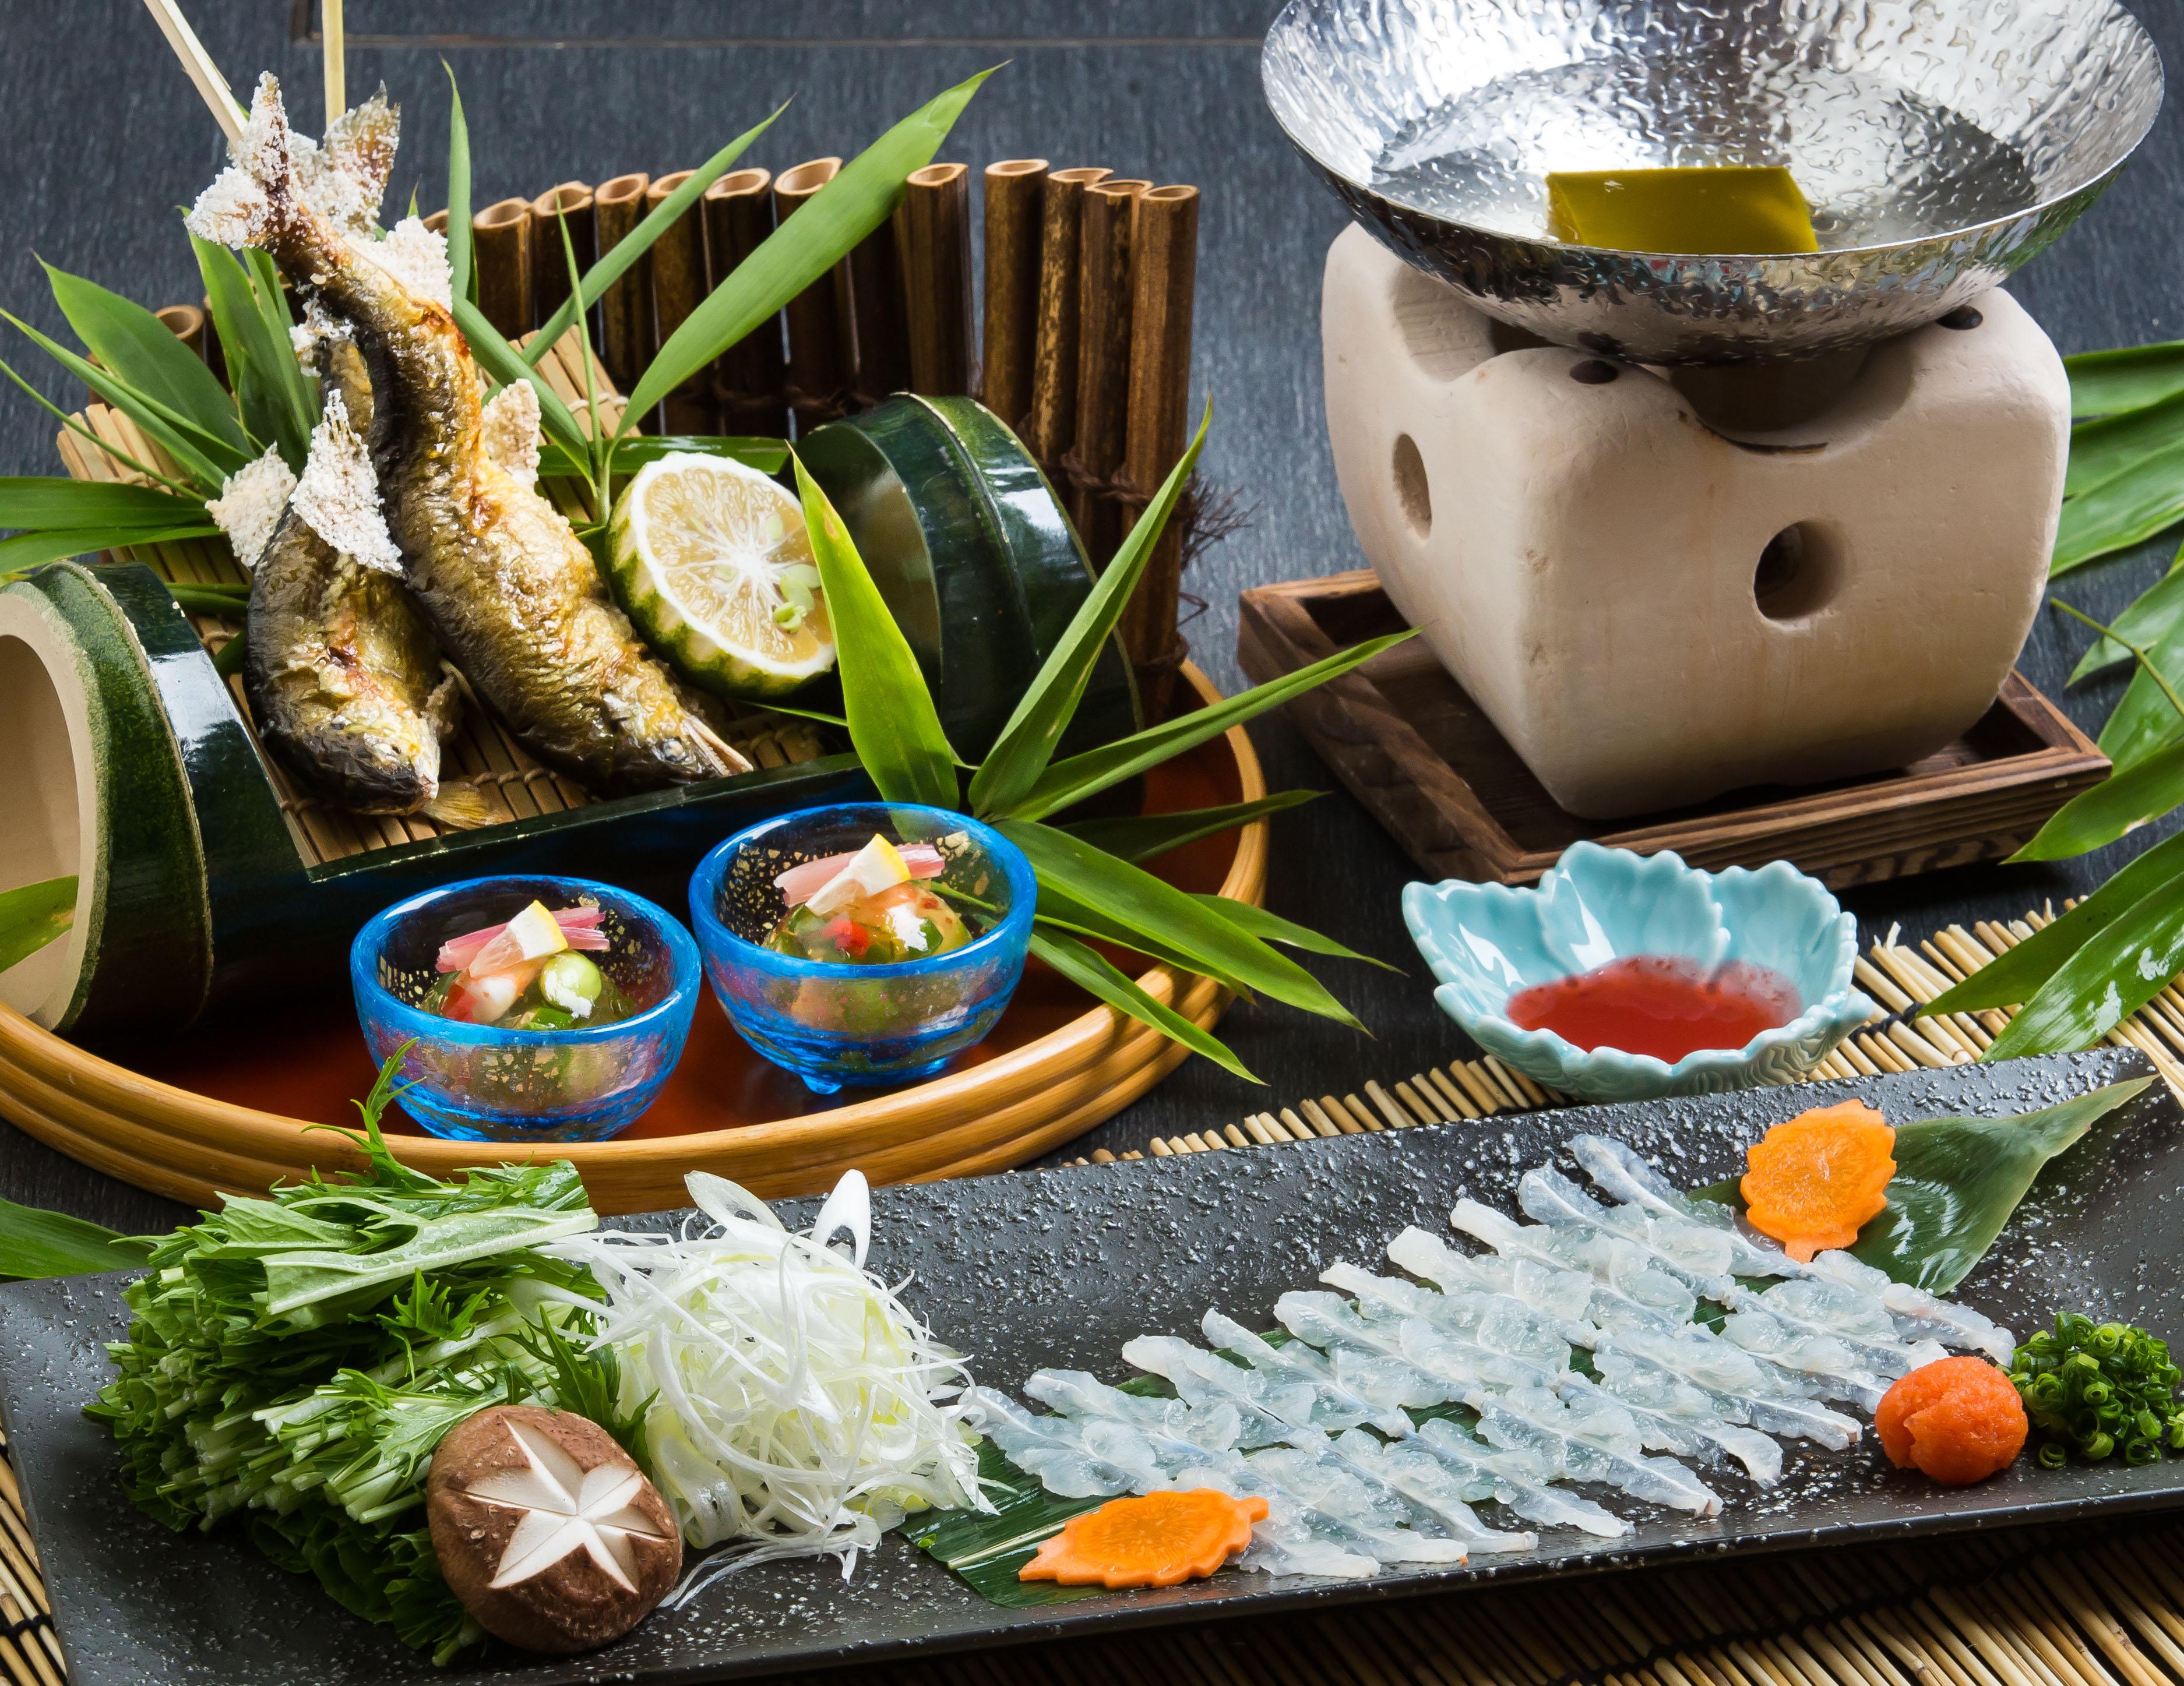 【日田産鮎の塩焼と鱧しゃぶ懐石】登場!<br />旬の食材を同時に楽しめる!